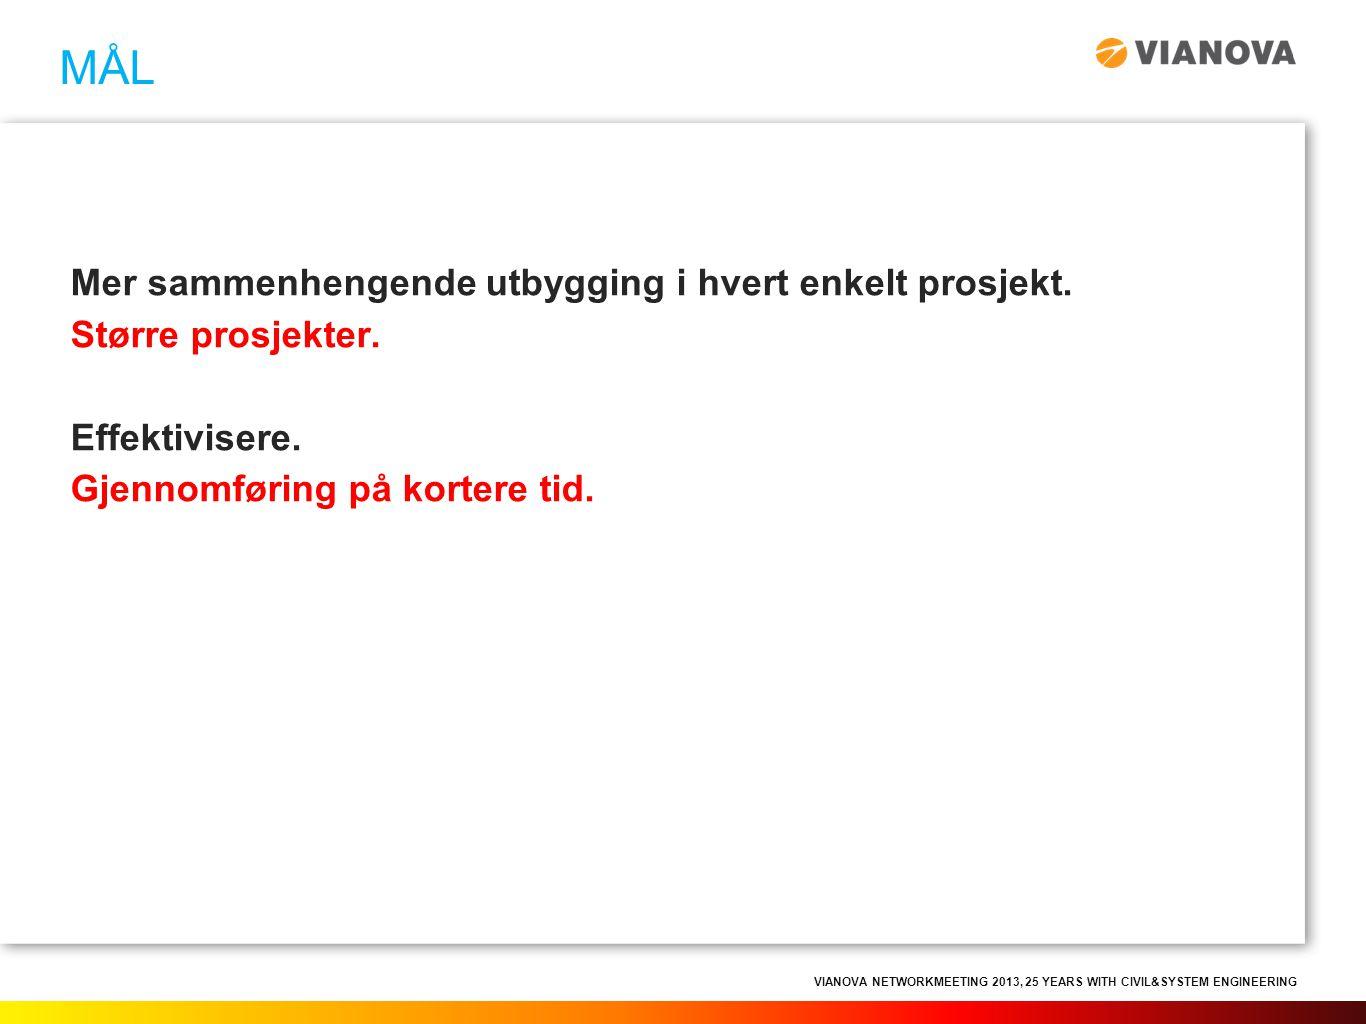 VIANOVA NETWORKMEETING 2013, 25 YEARS WITH CIVIL&SYSTEM ENGINEERING Mer sammenhengende utbygging i hvert enkelt prosjekt. Større prosjekter. Effektivi